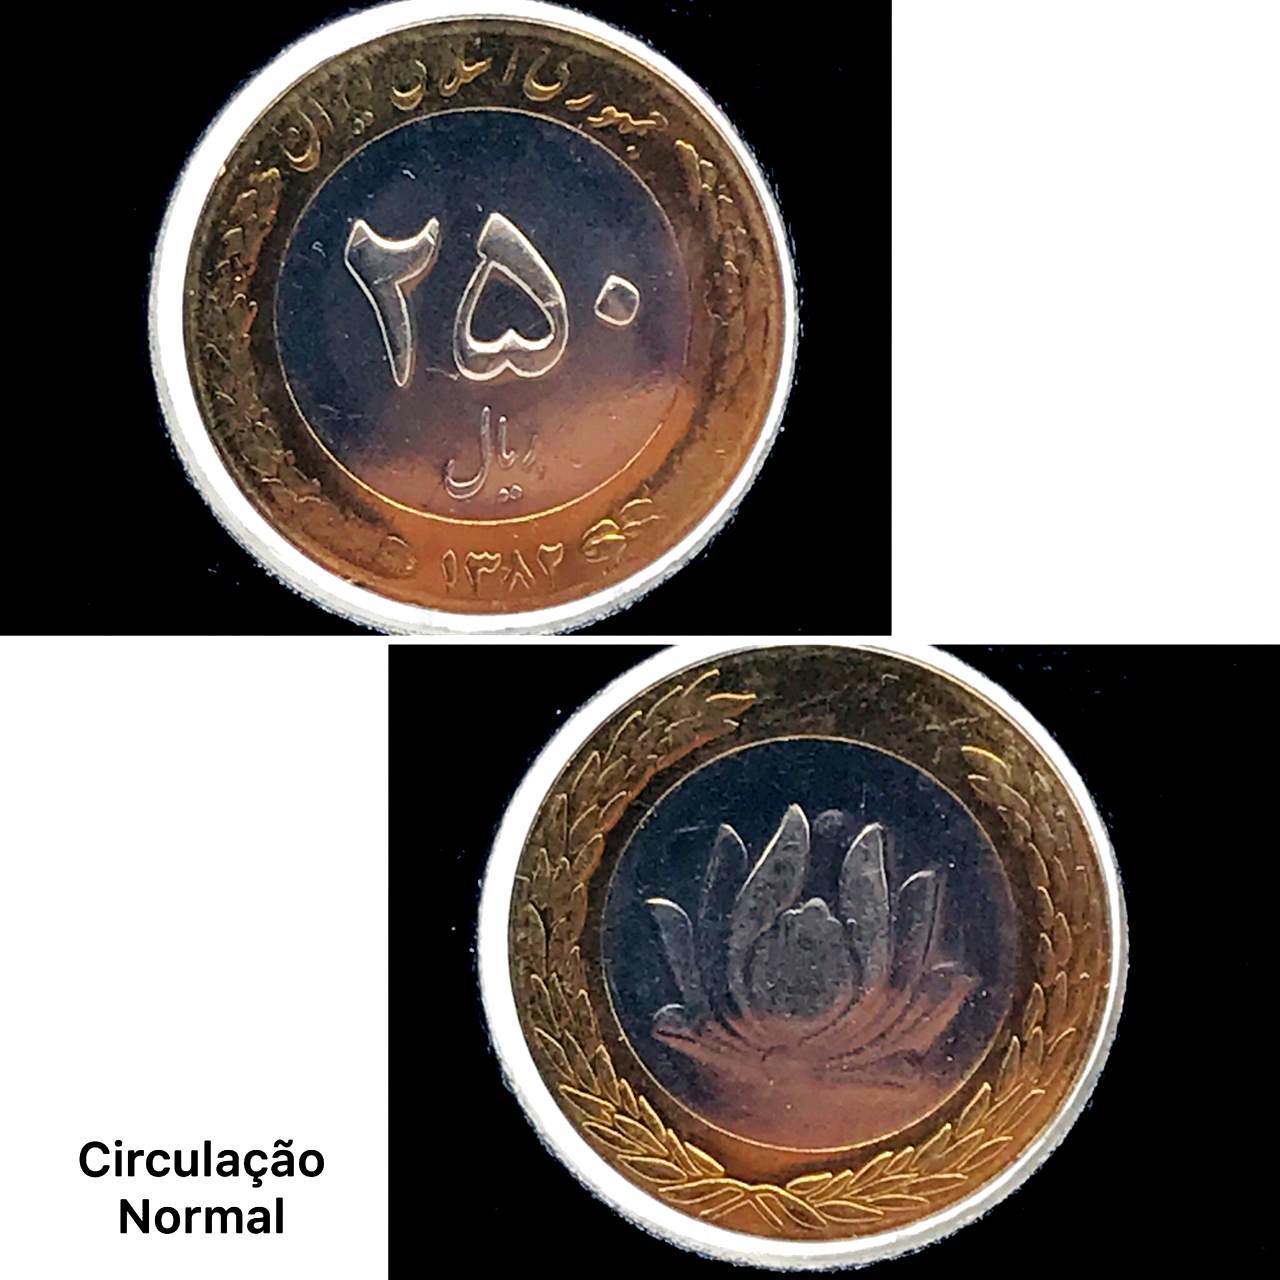 Irã Bimetálica   1993-2003